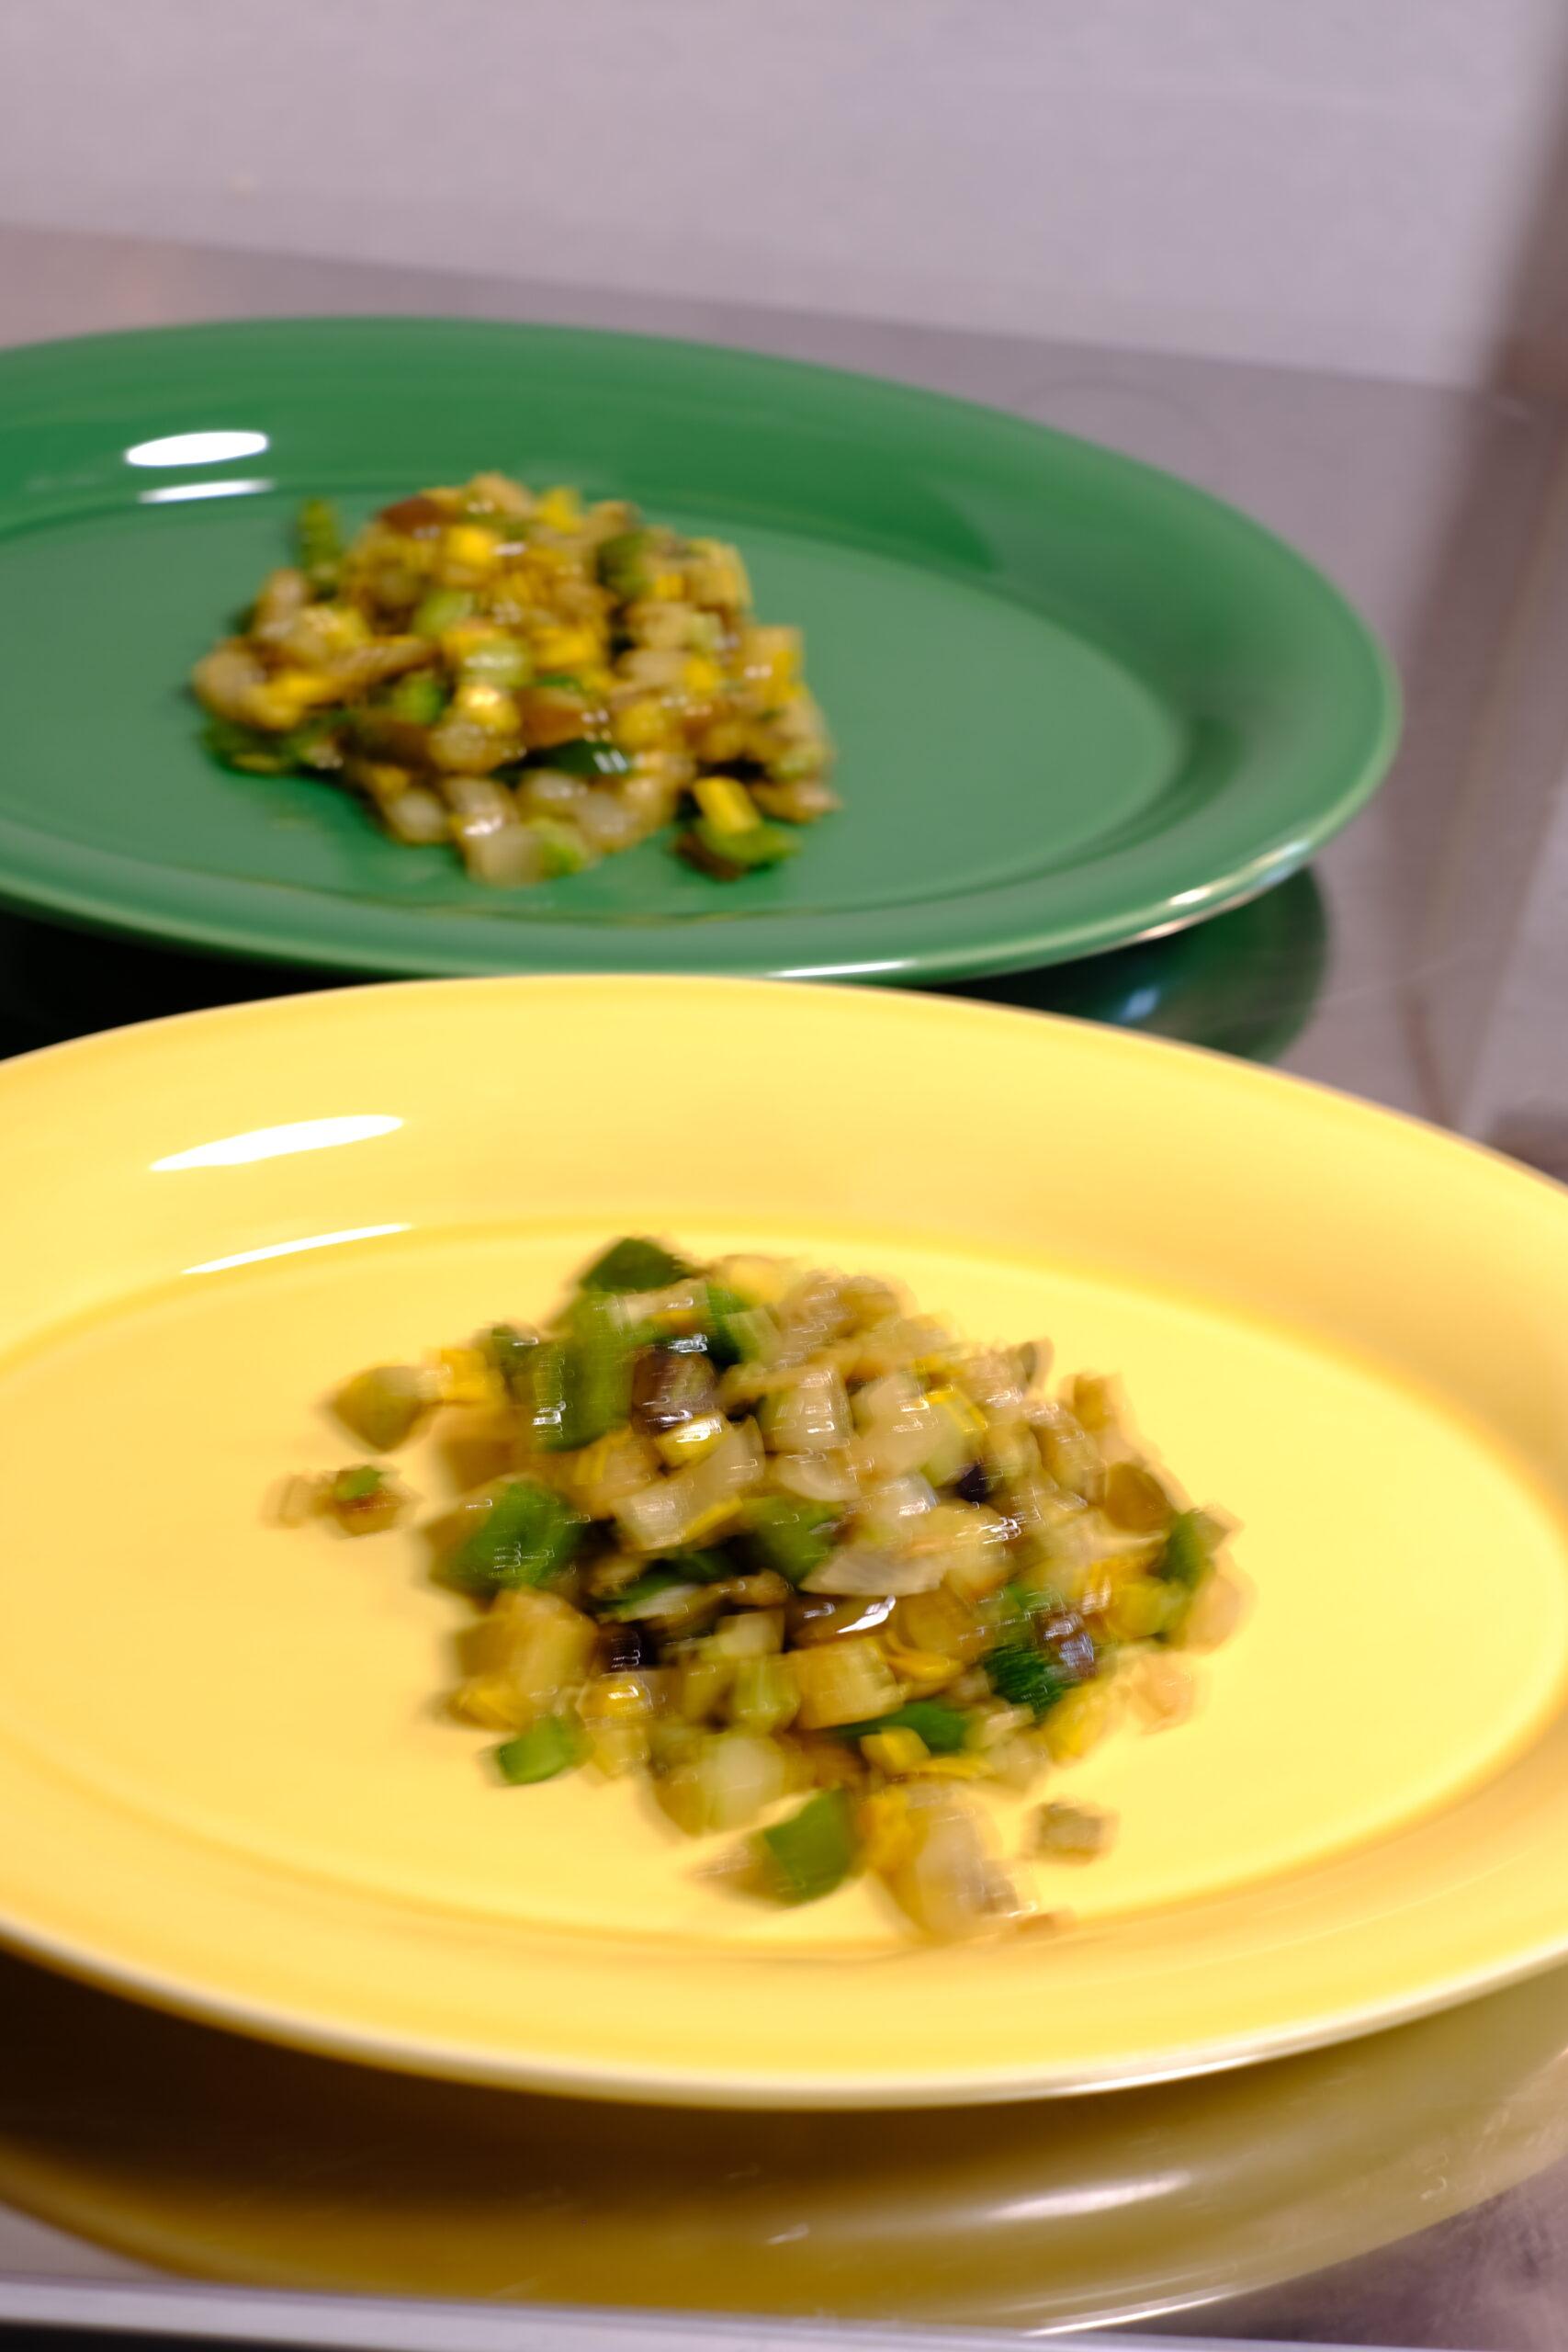 お皿に夏野菜のソテーを載せた状態の画像です